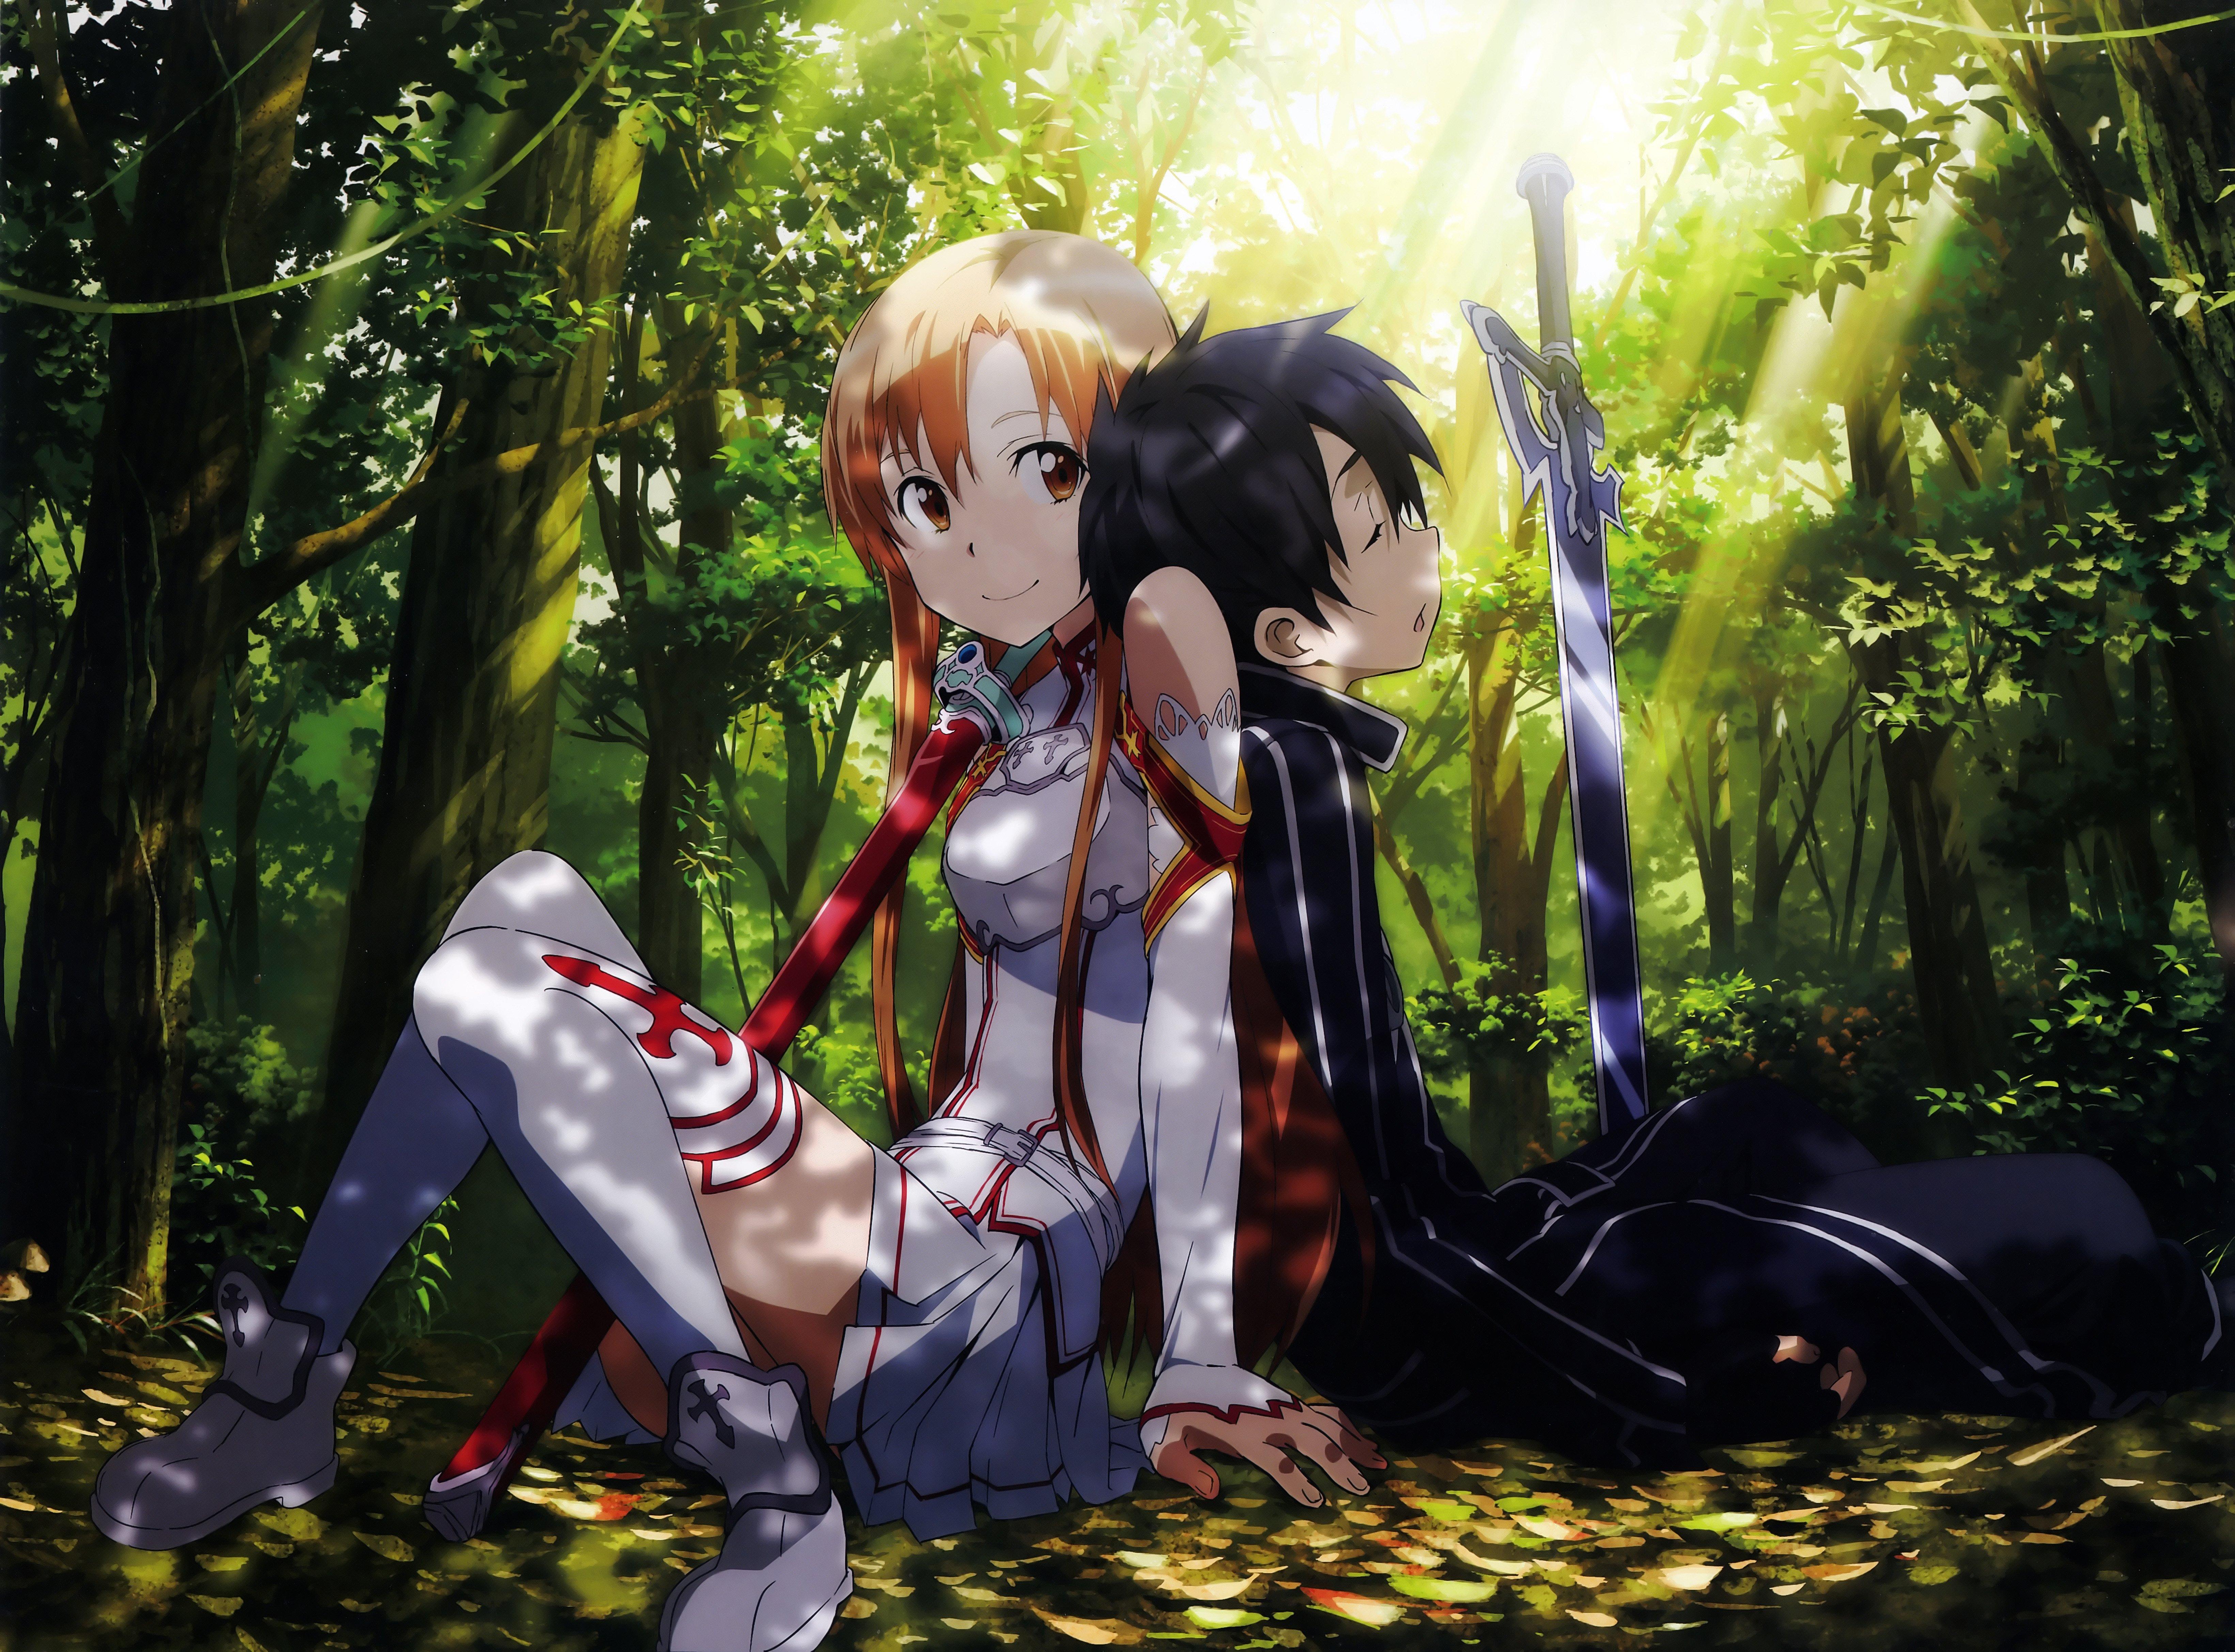 Fondos de pantalla Anime Kirito and Asuna